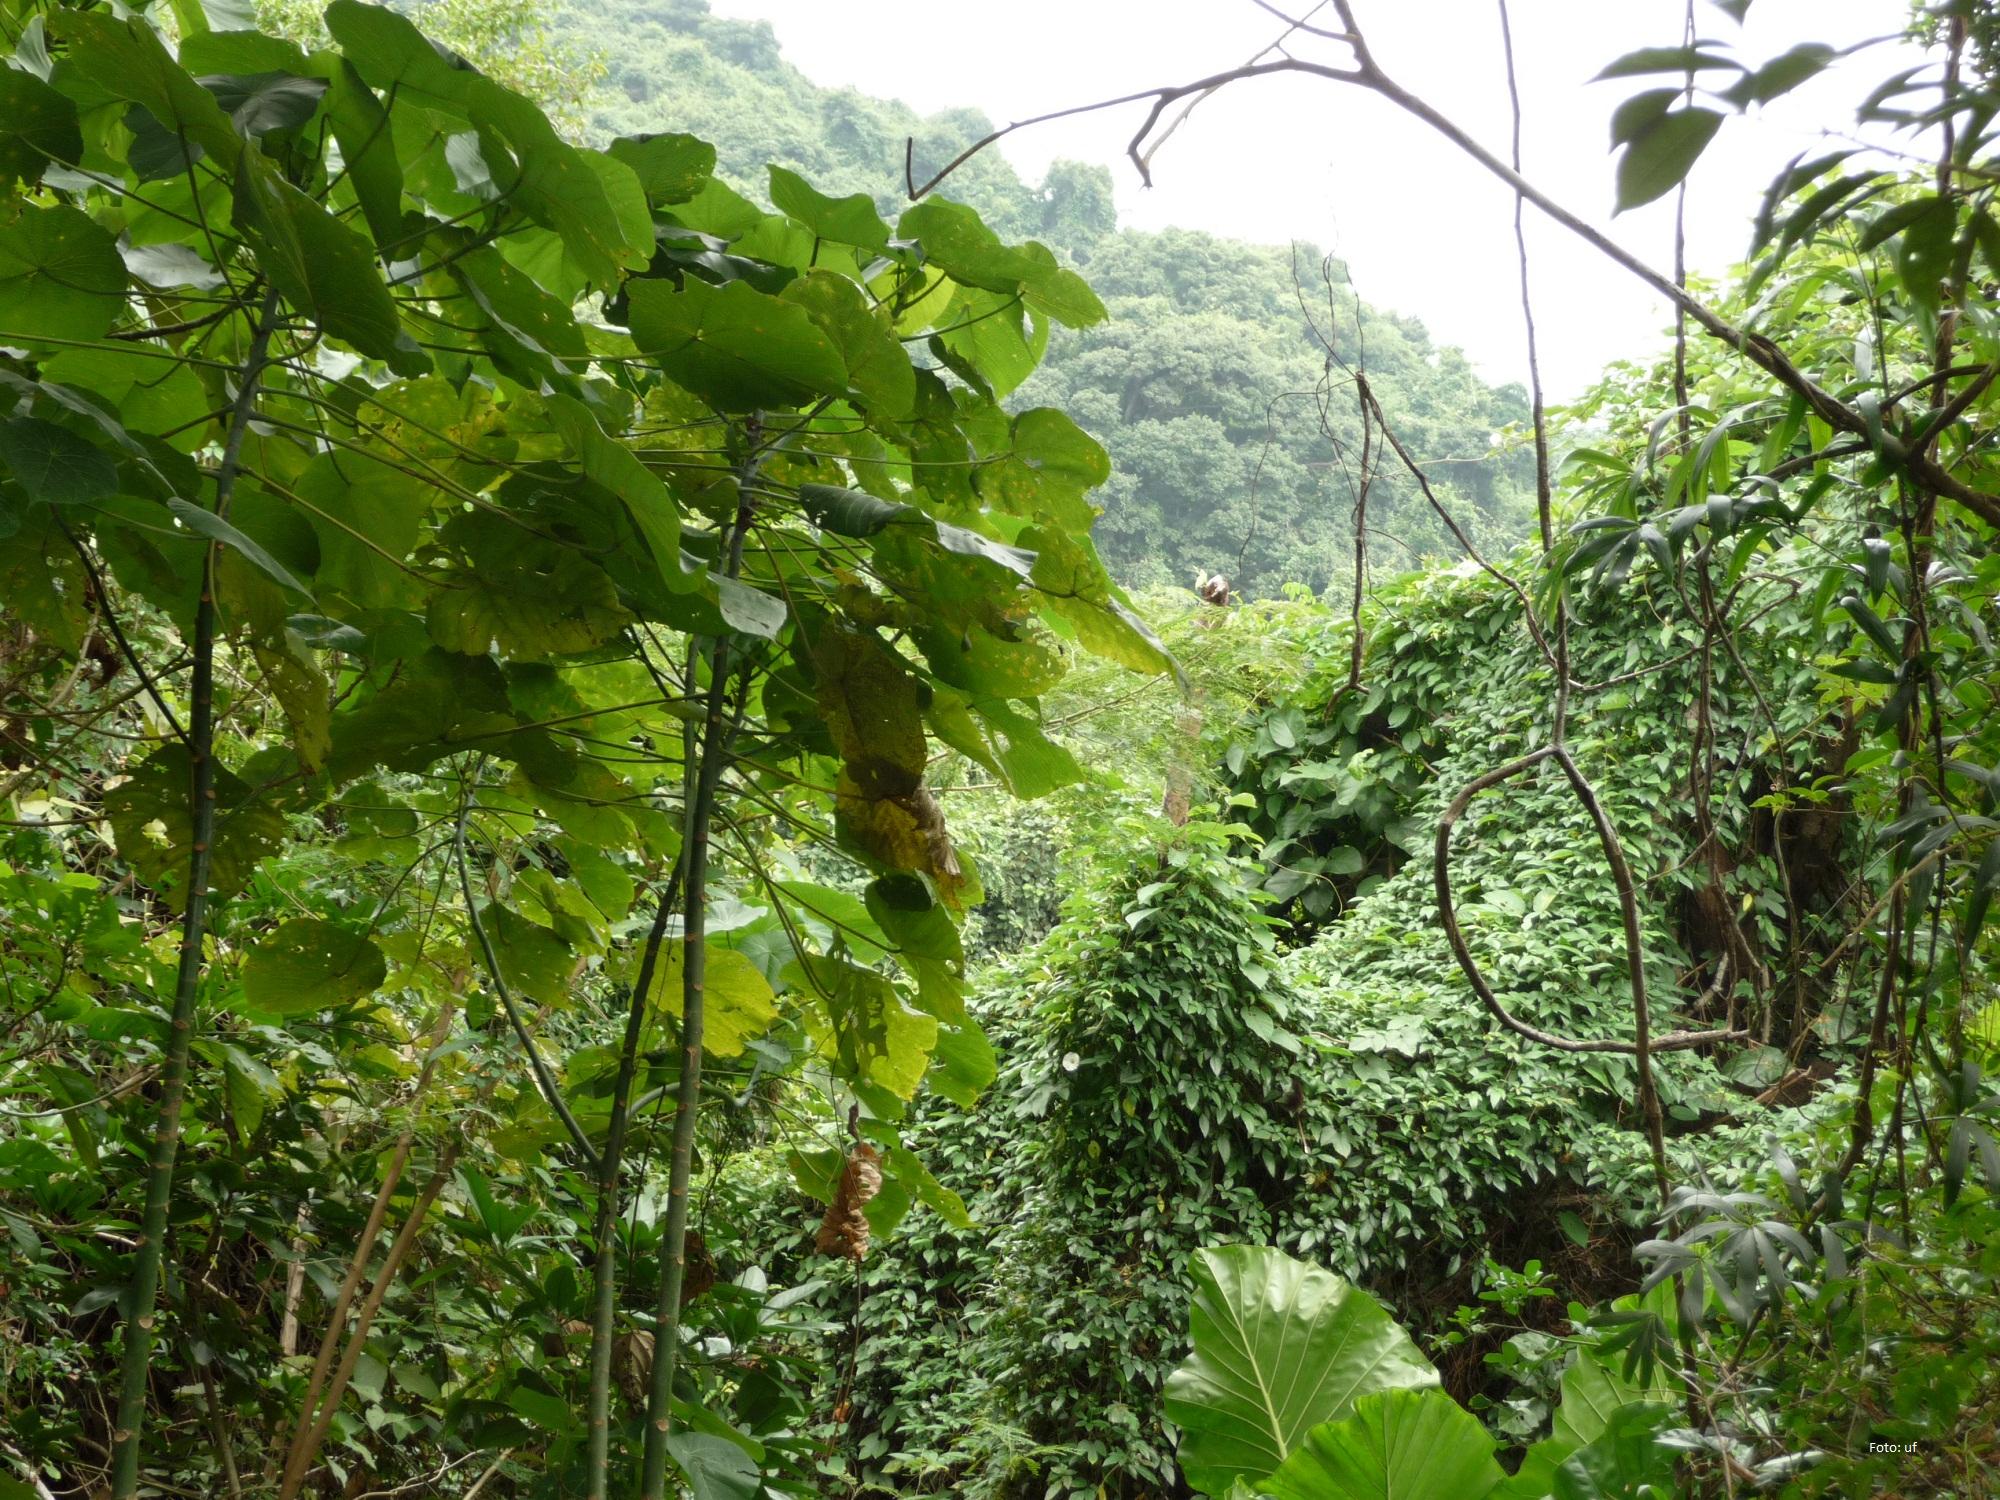 Exotische Entspannung - grüne Oasen